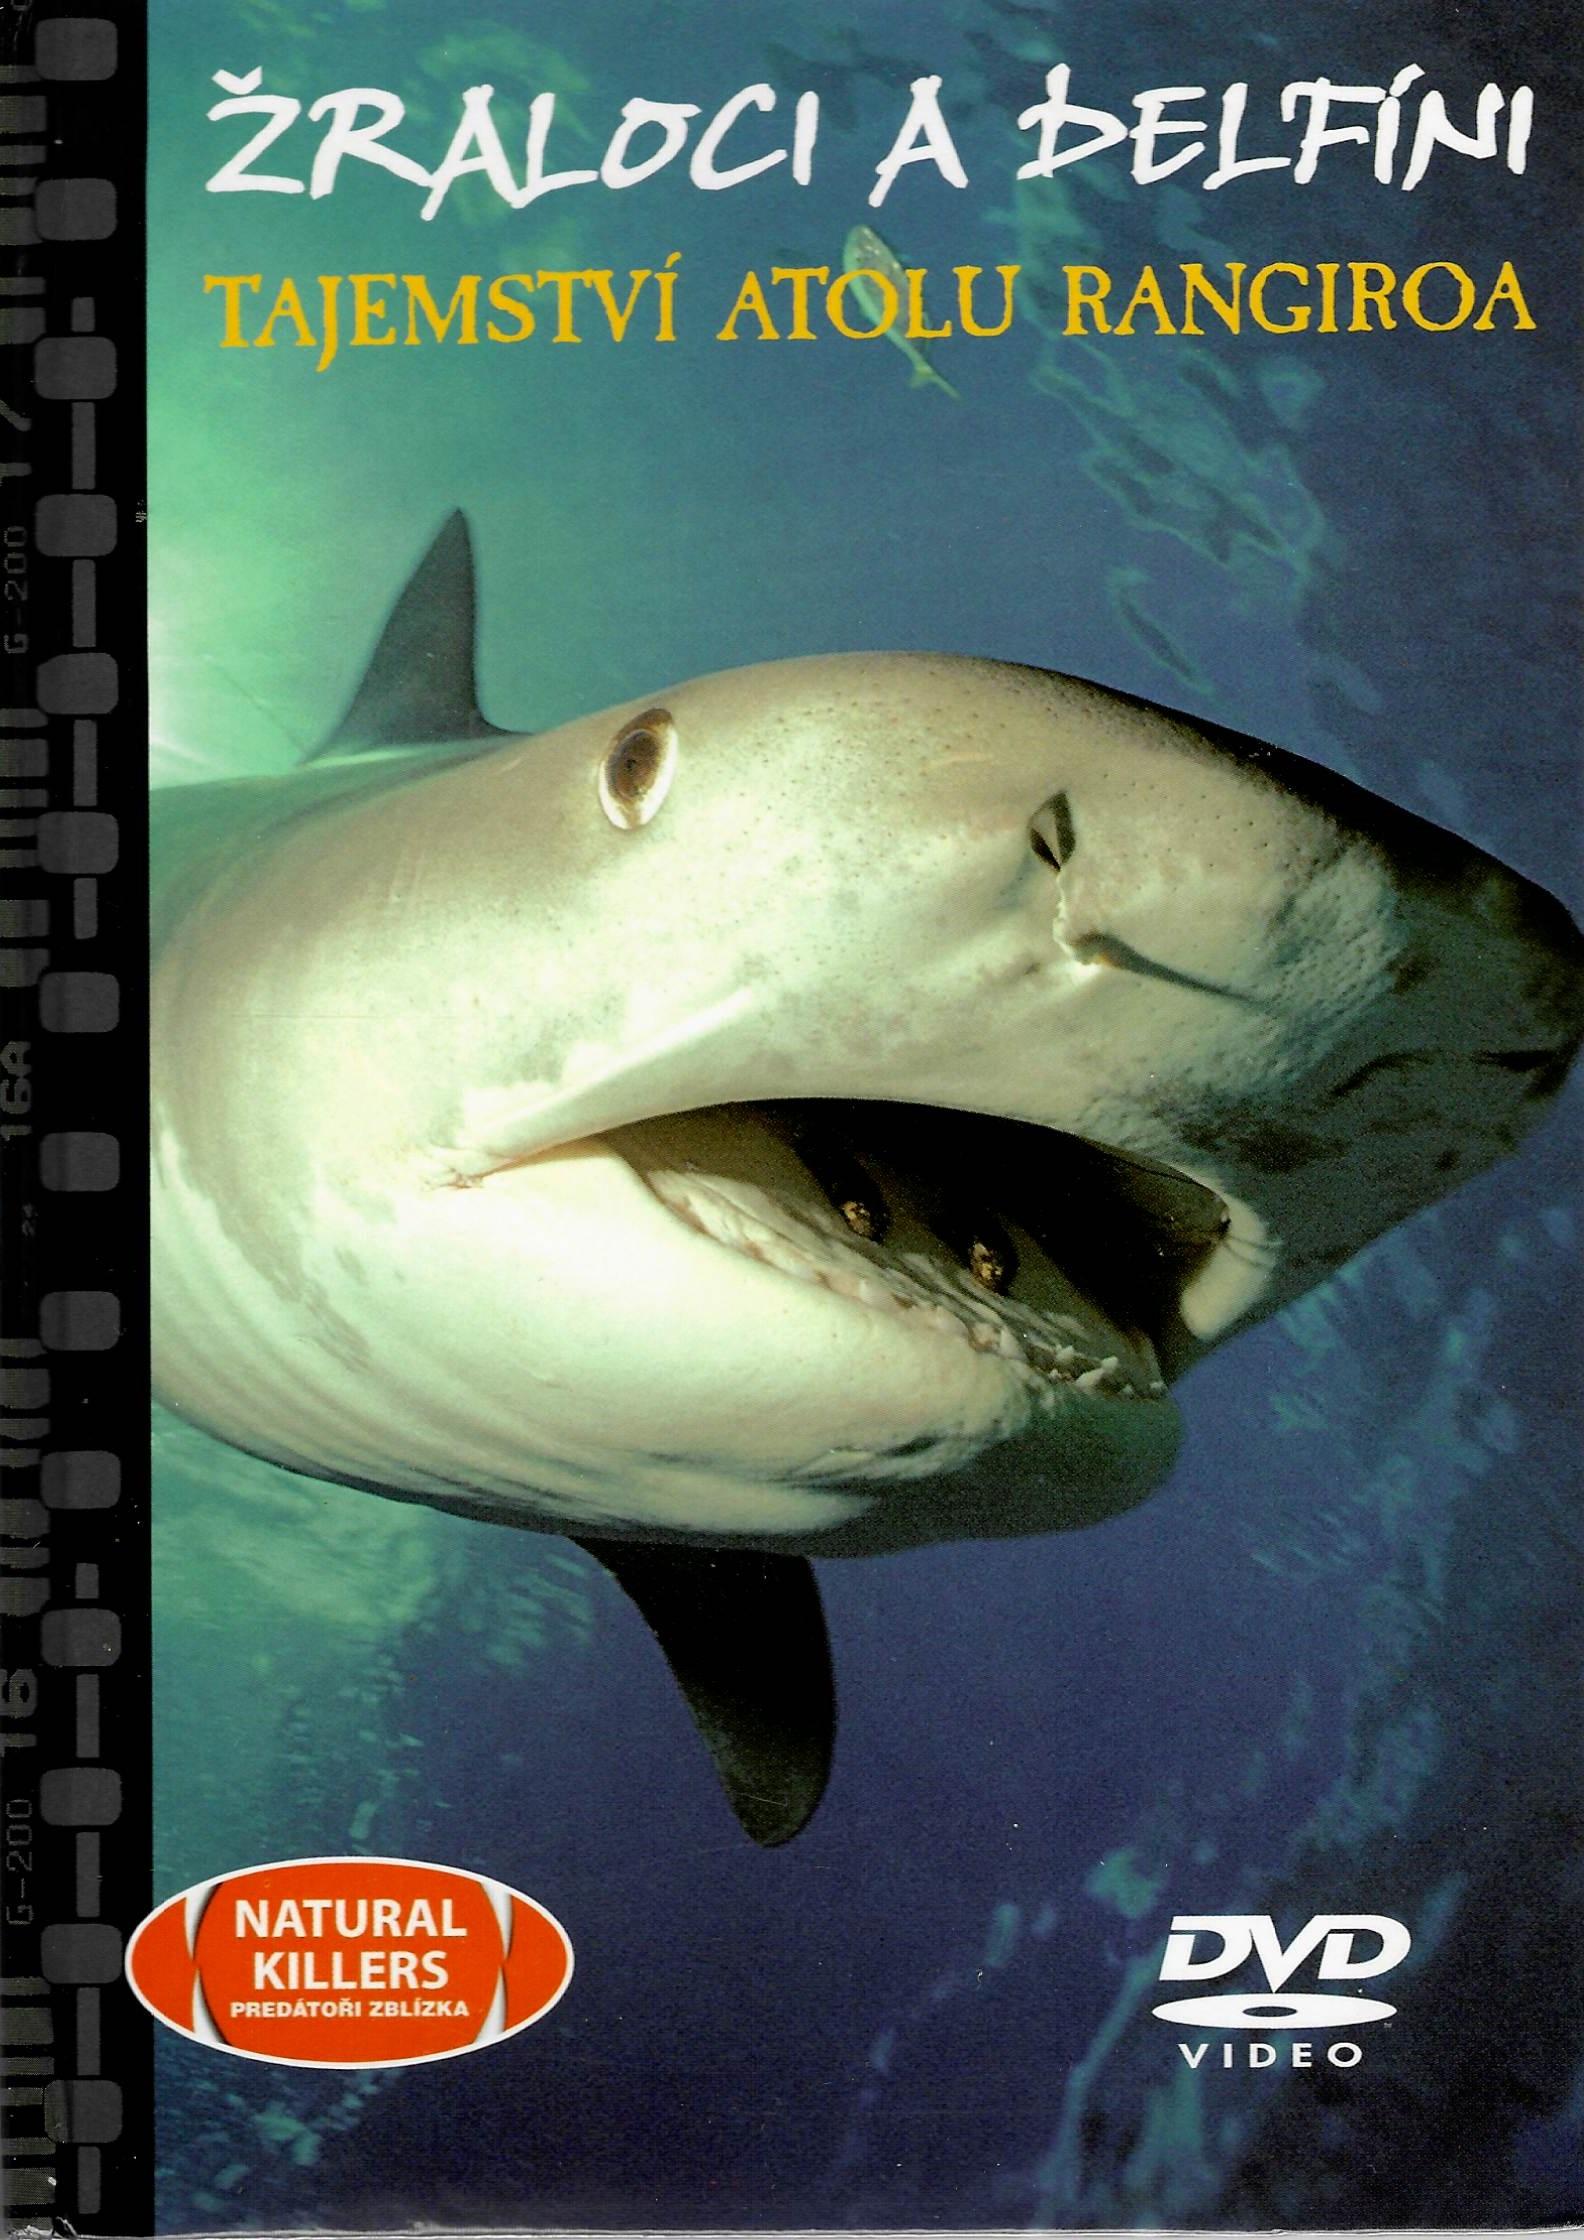 Žraloci a delfíni - tajemství atolu Randiroa - DVD + brožura